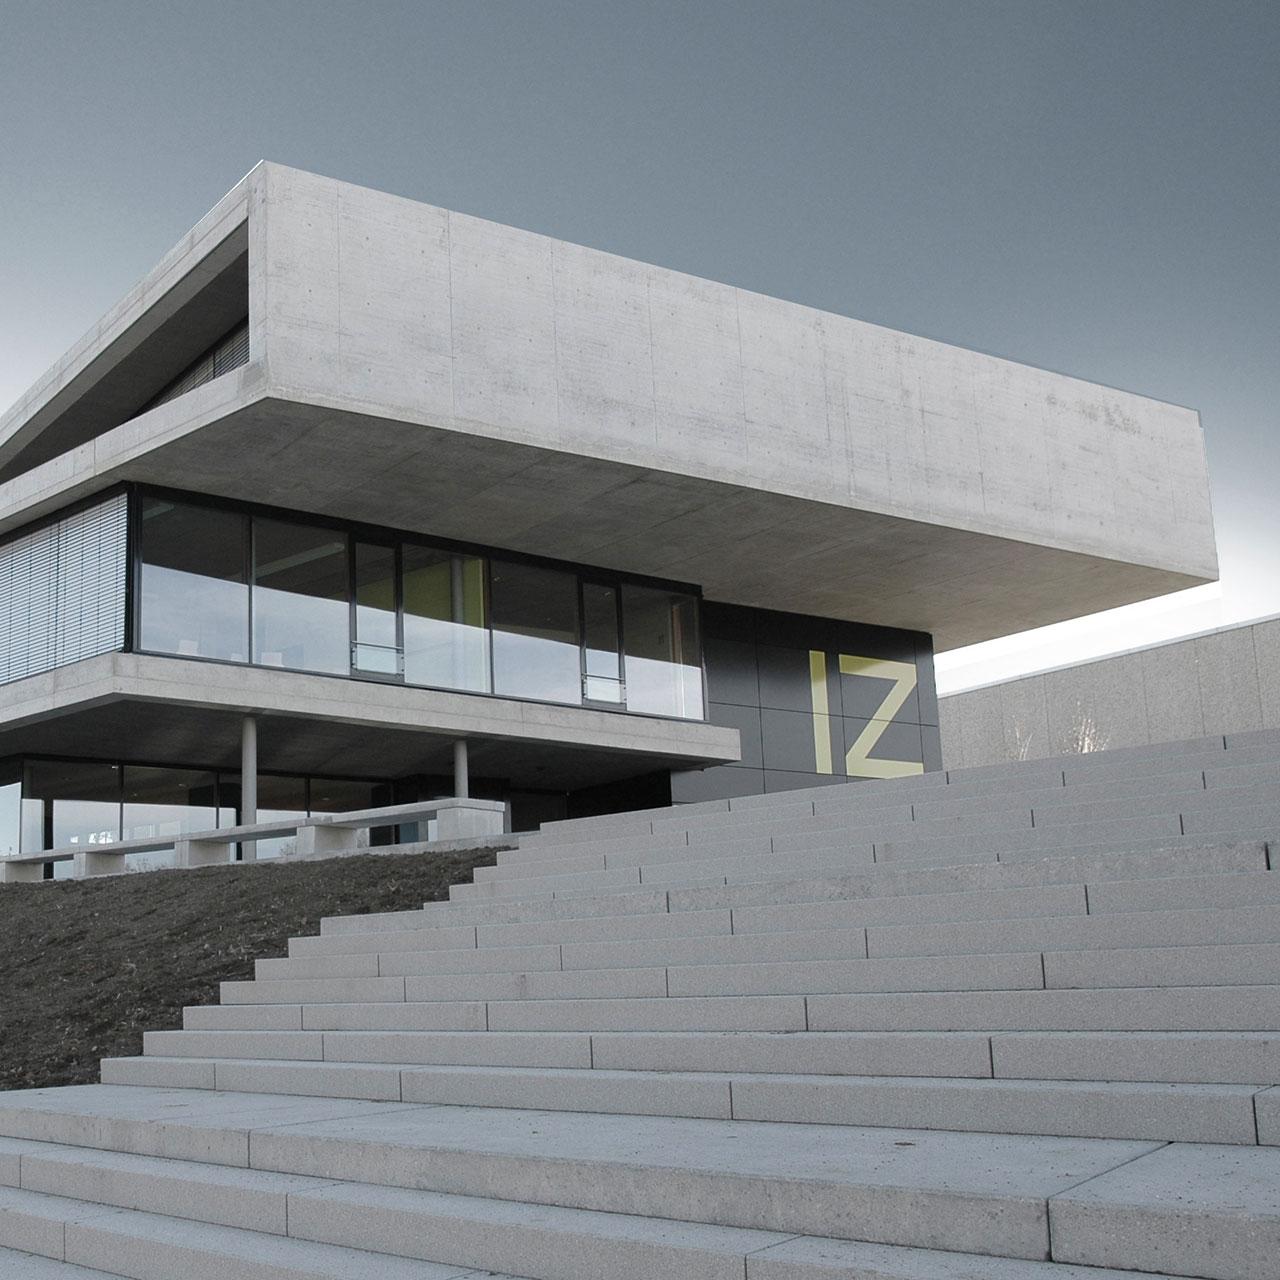 Neubau IZ Vaihingen, Zugang